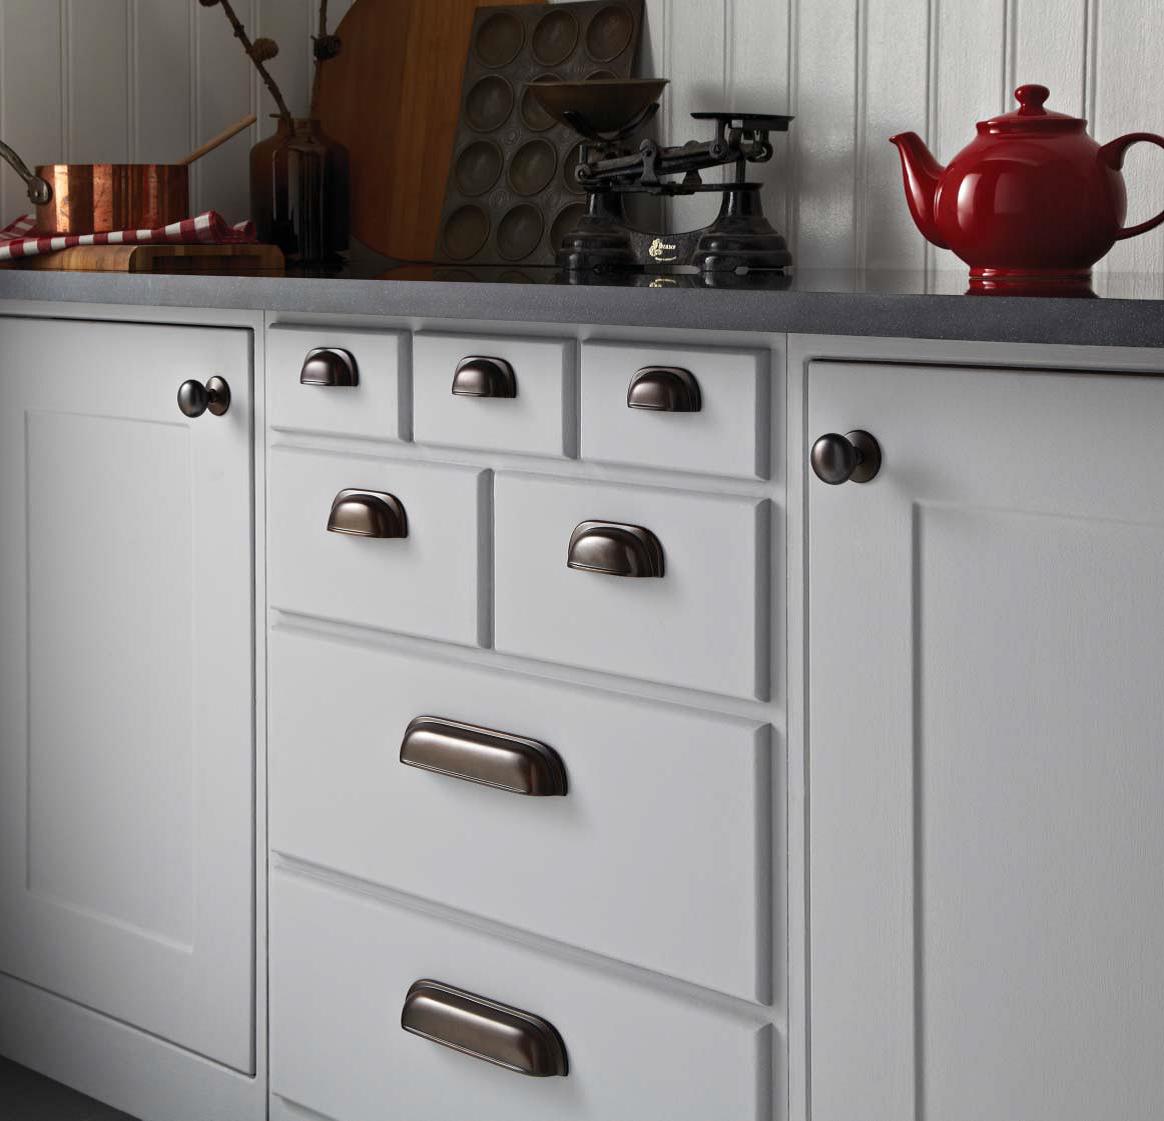 door knobs for kitchen cupboards photo - 4